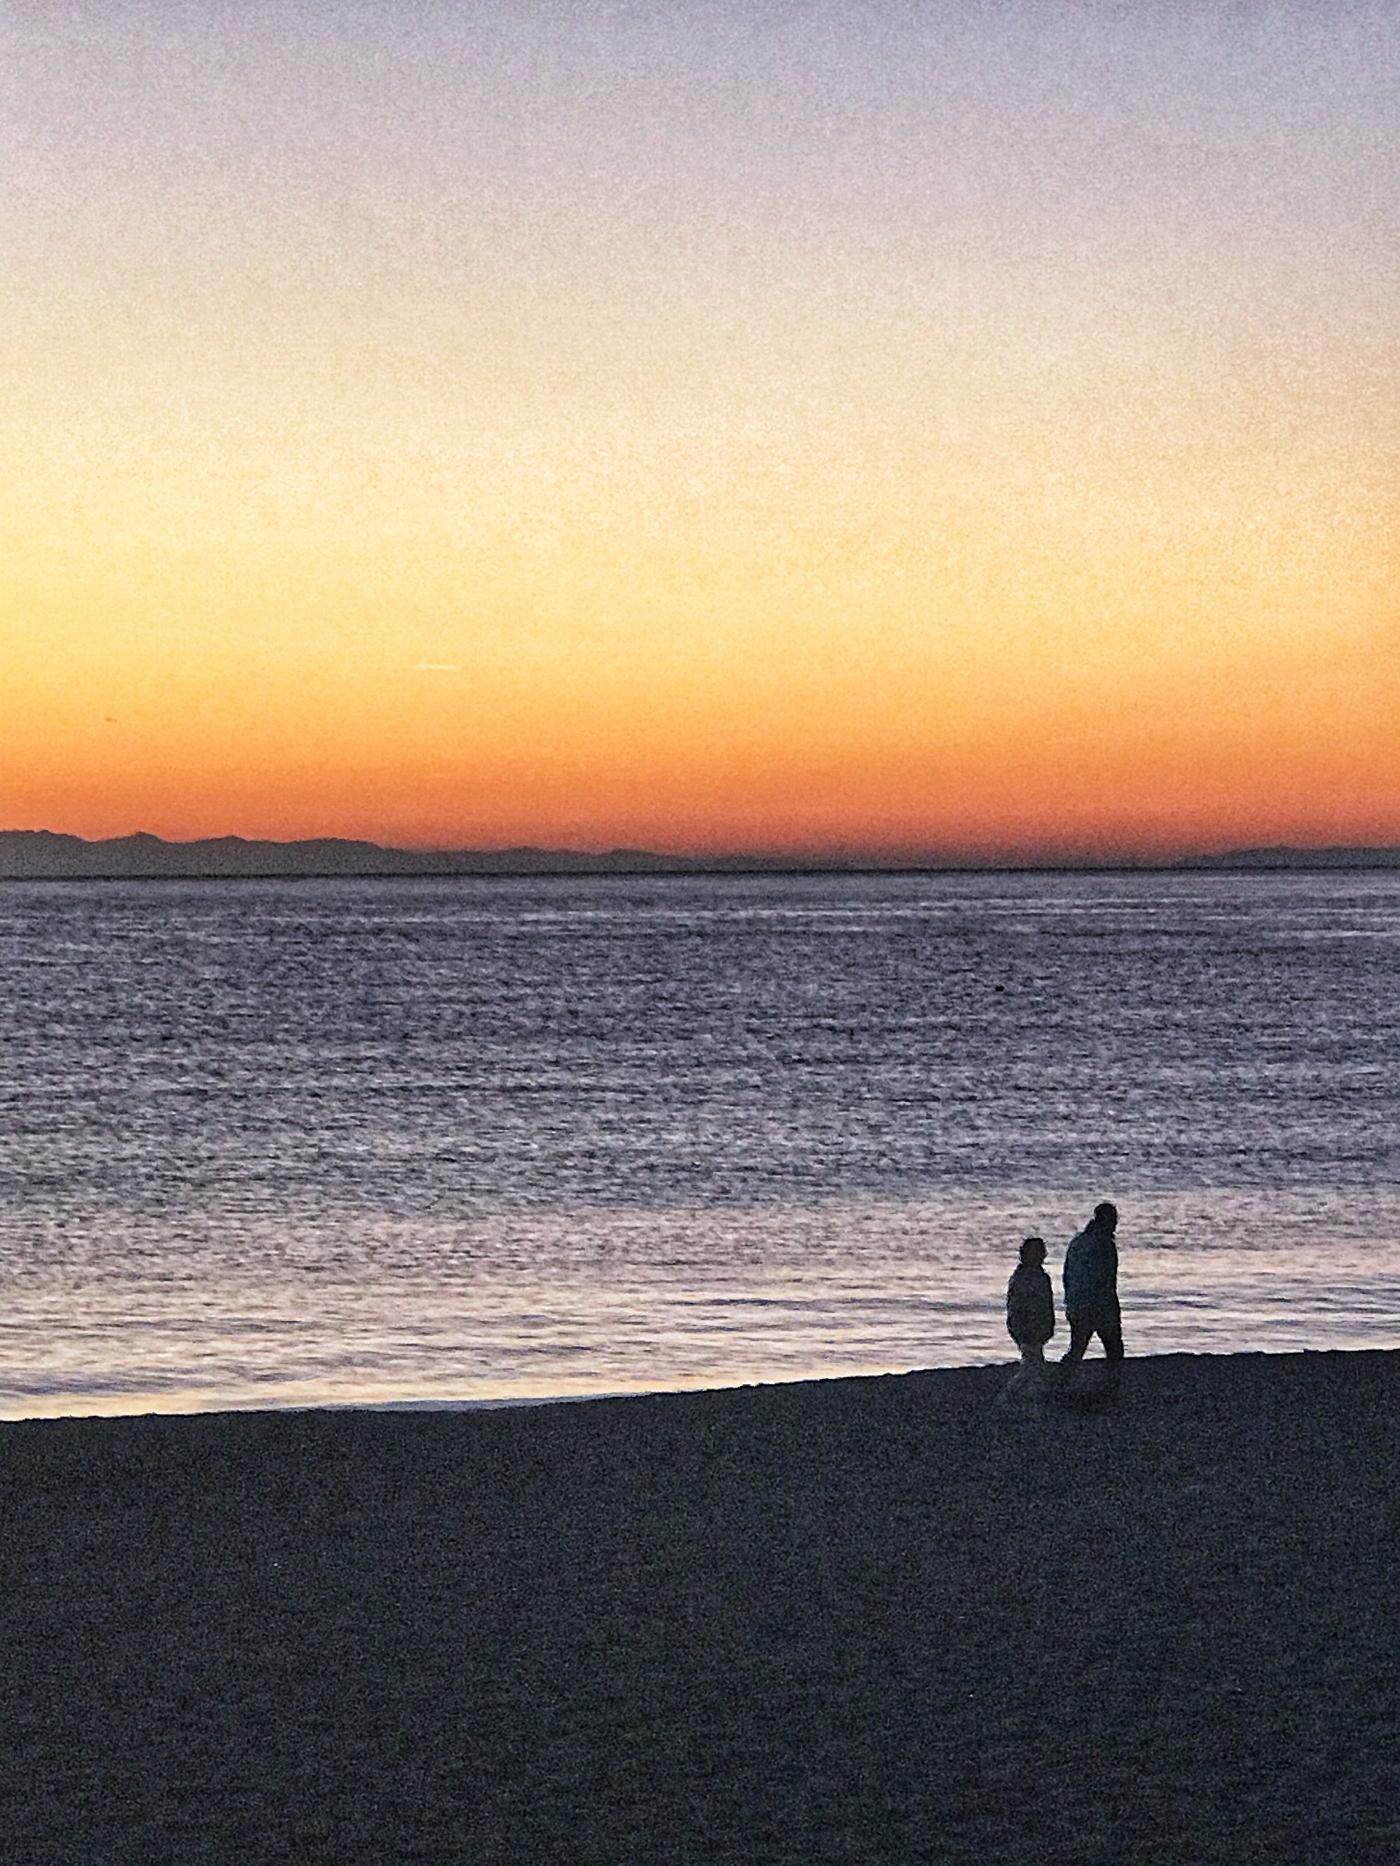 Sunset on Levanto, Italy